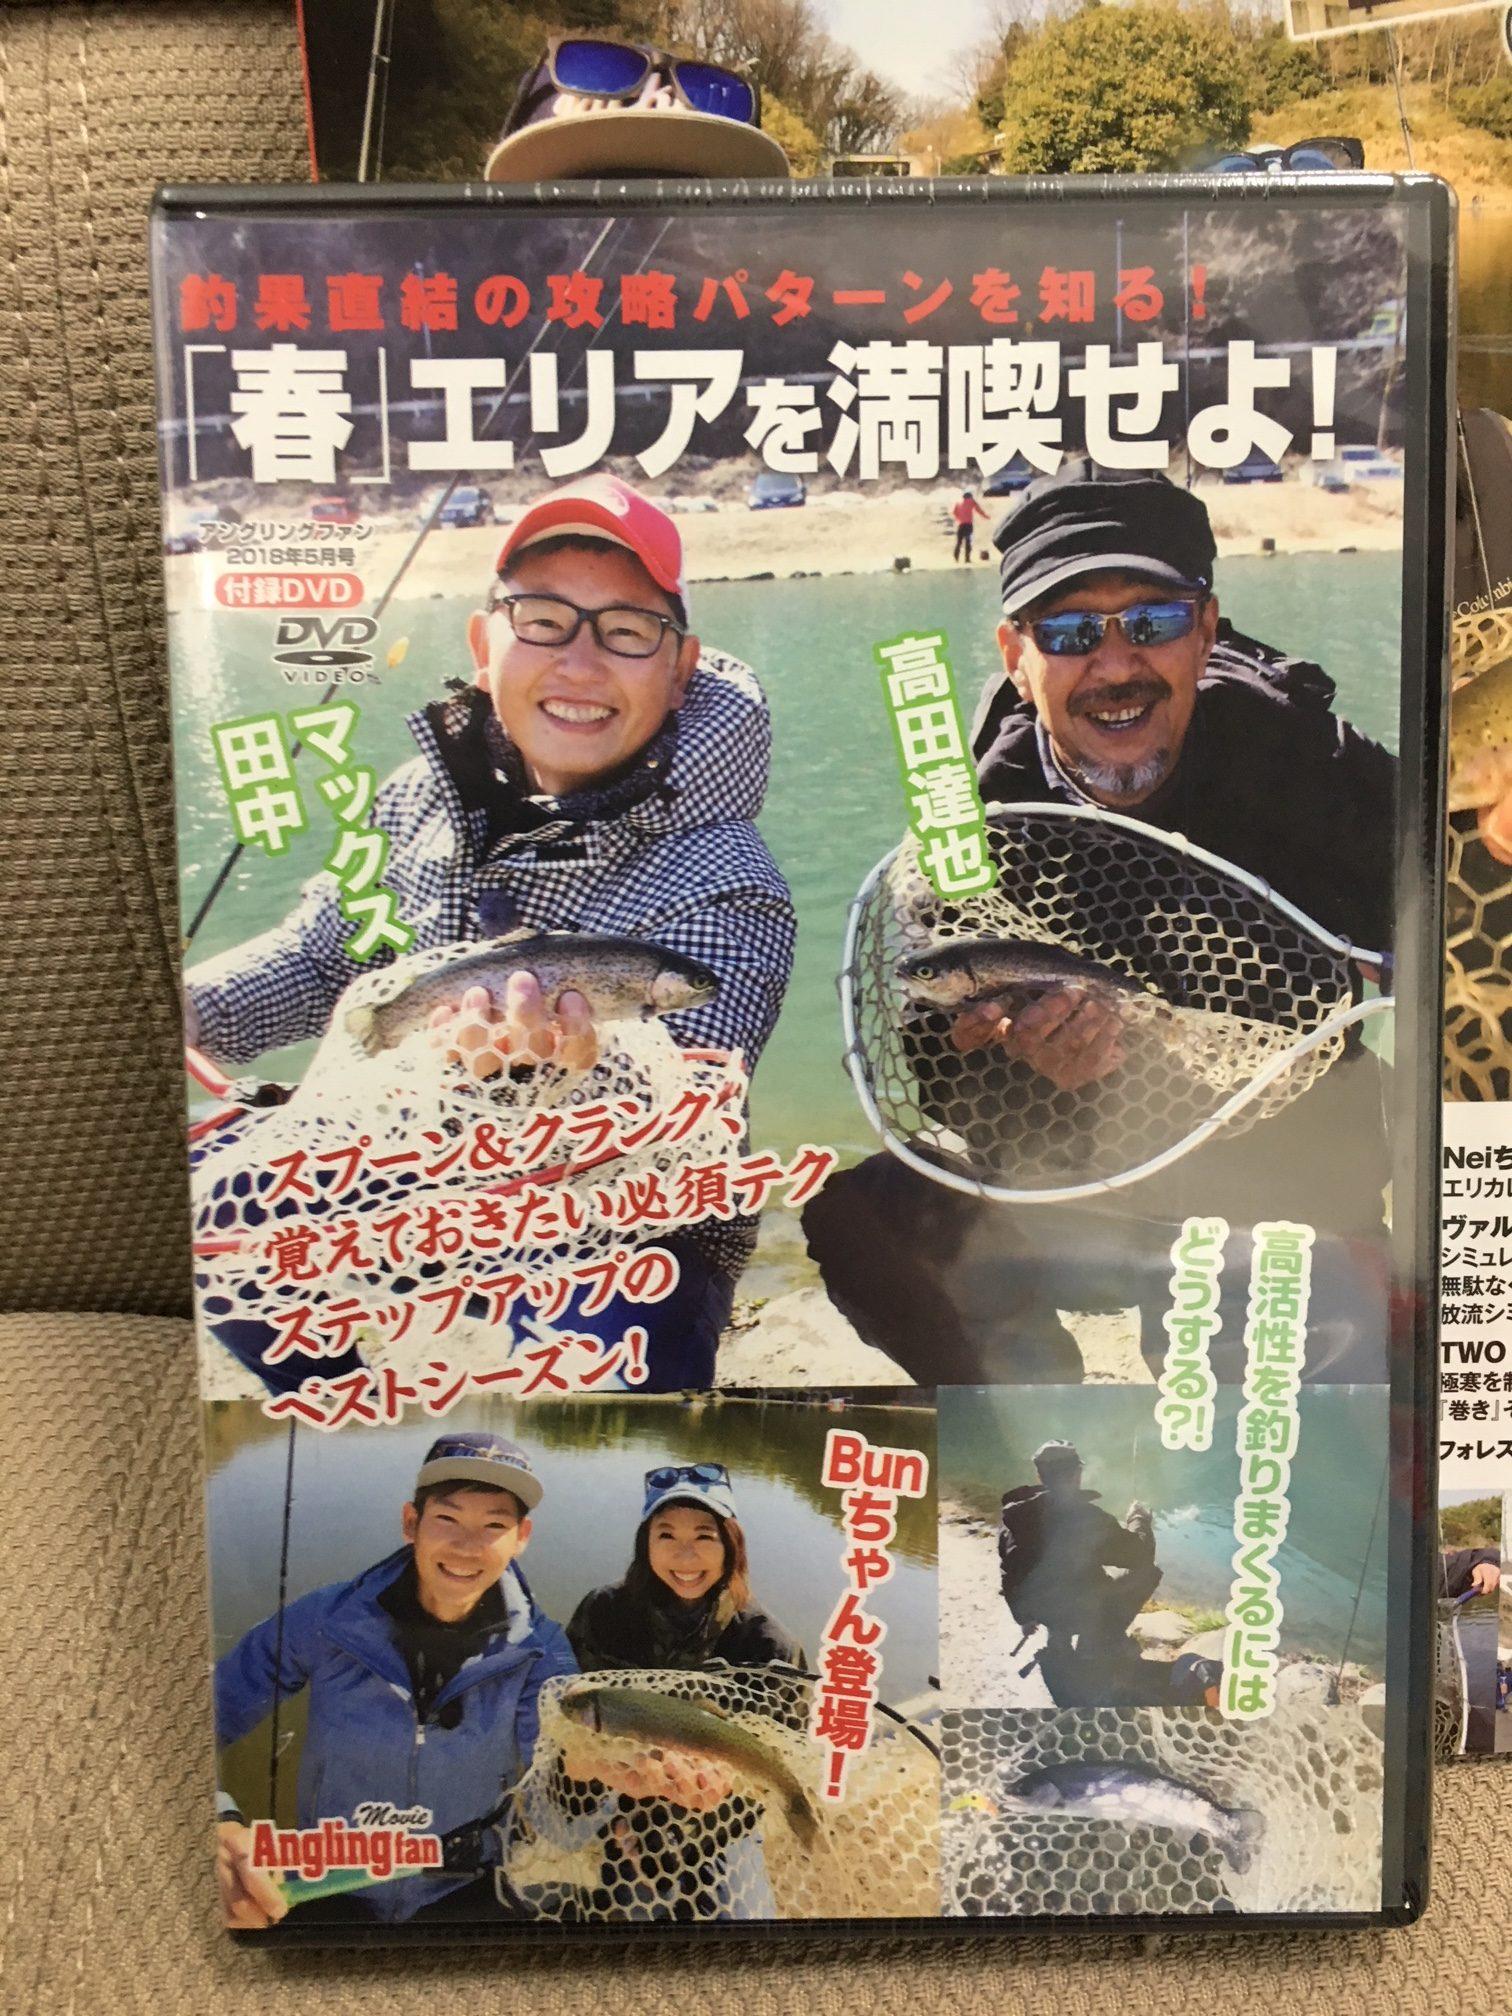 スタッフ千鮎掲載!コスミック出版『アングリングファン5月号』2